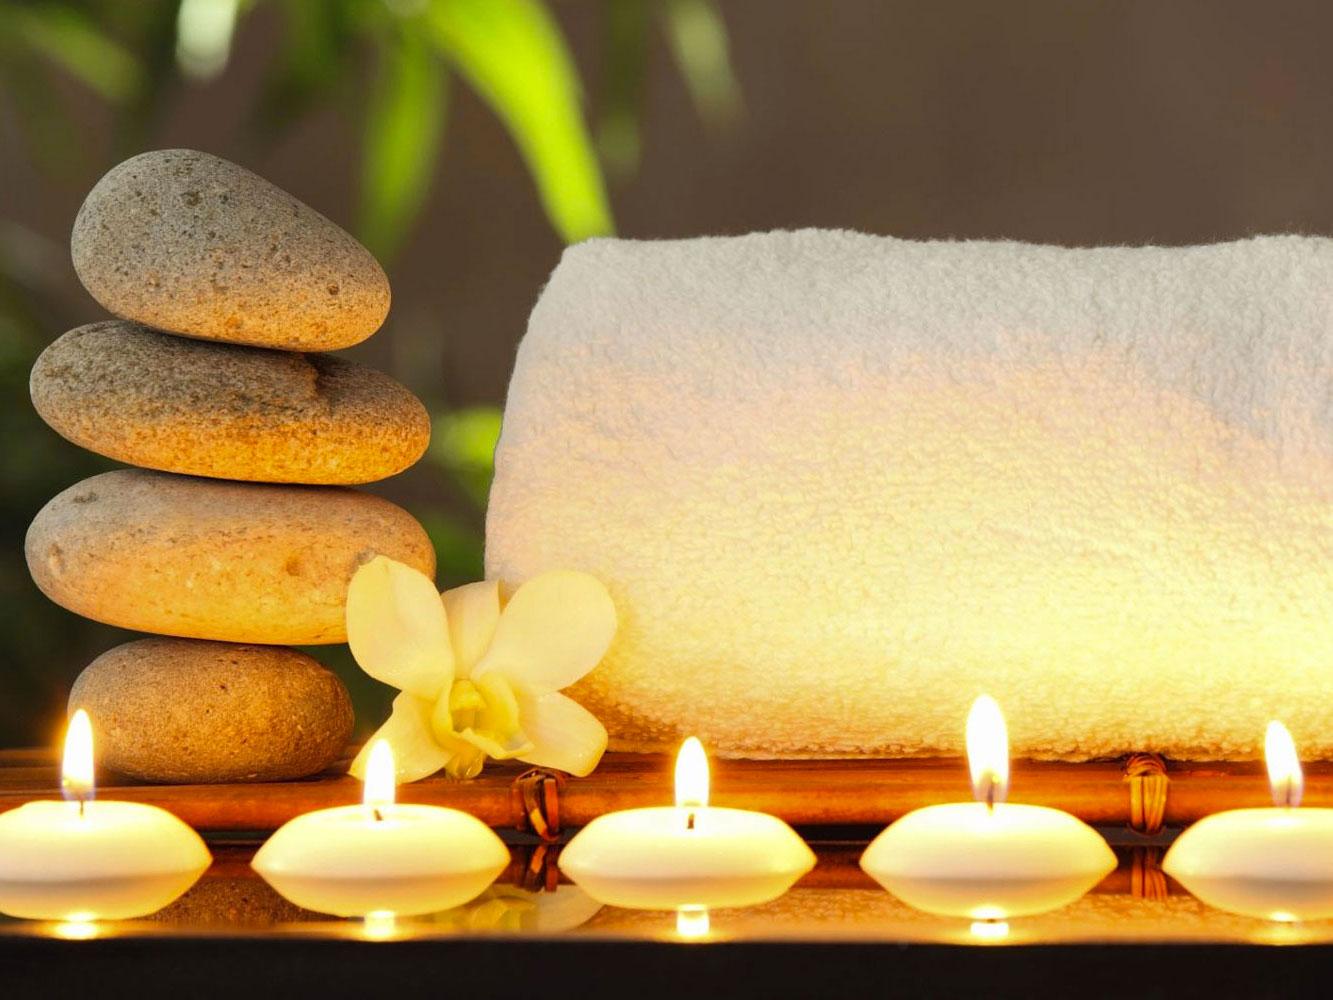 L'Instant, spécialiste en massages relaxants à Aix-les-Bains